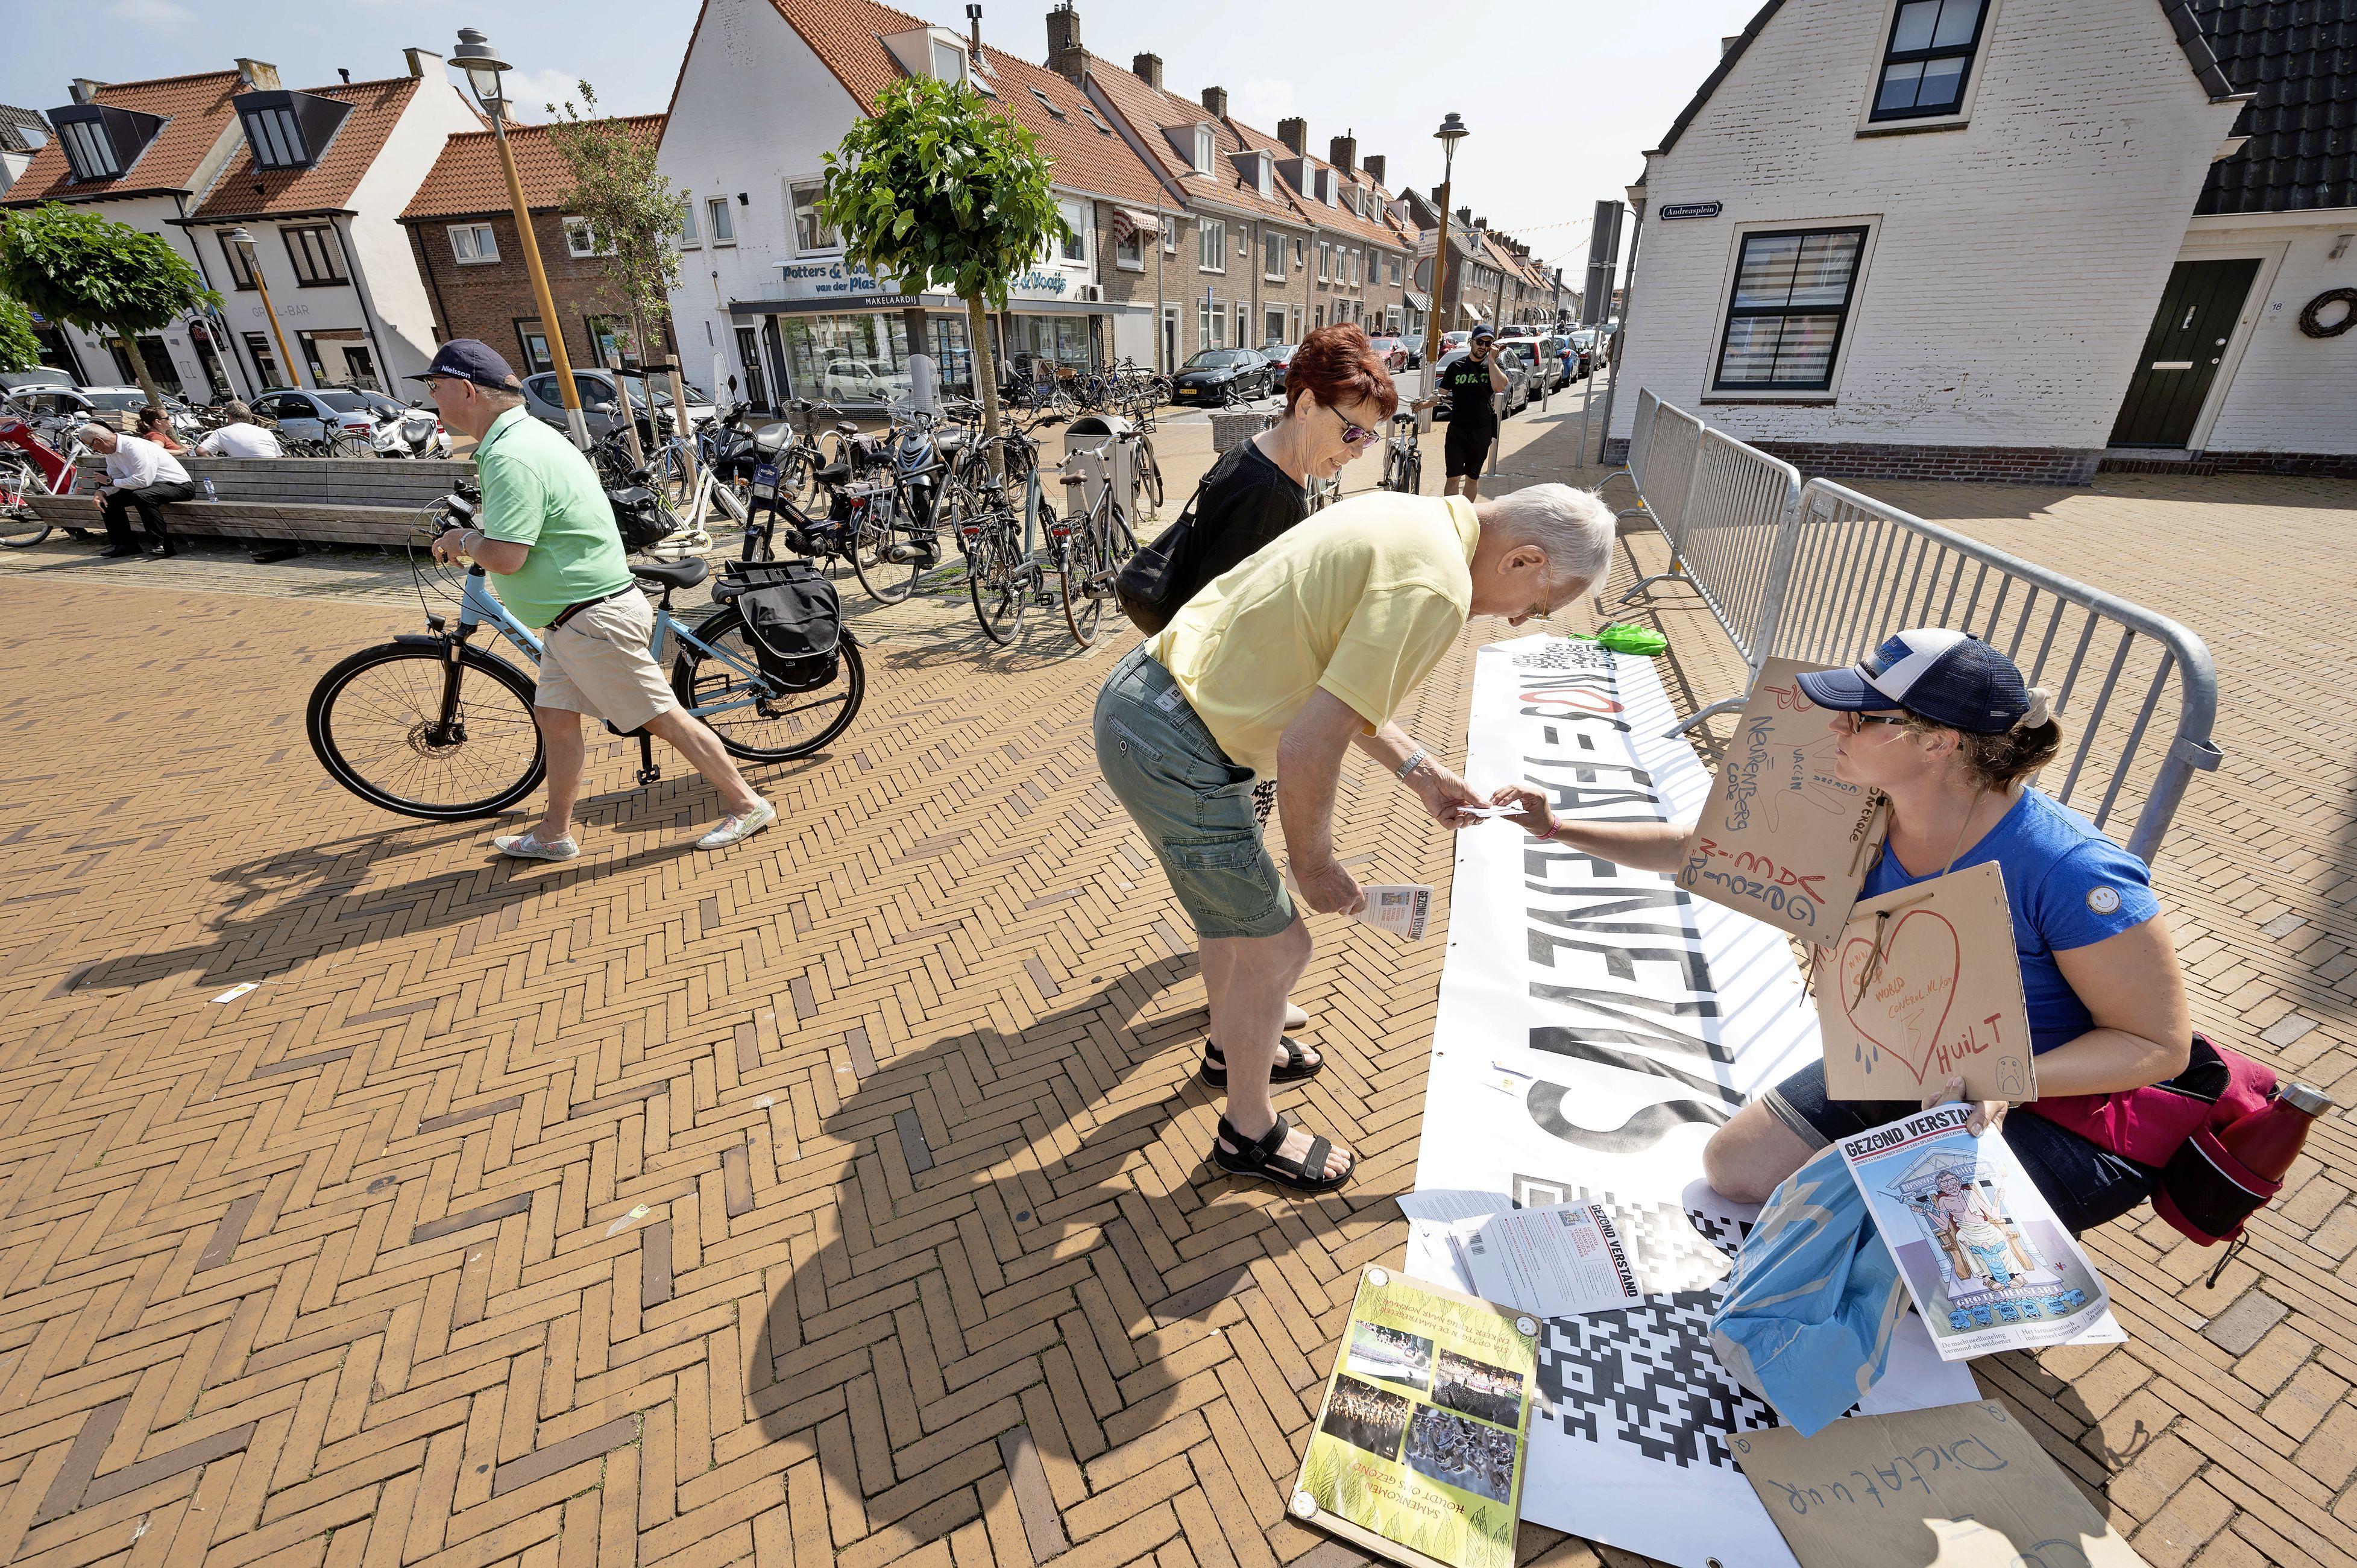 'Coronademonstranten' bij GGD-prikbus in Katwijk wekken verbazing, gemeente gedoogt de demonstratie van vijf man sterk